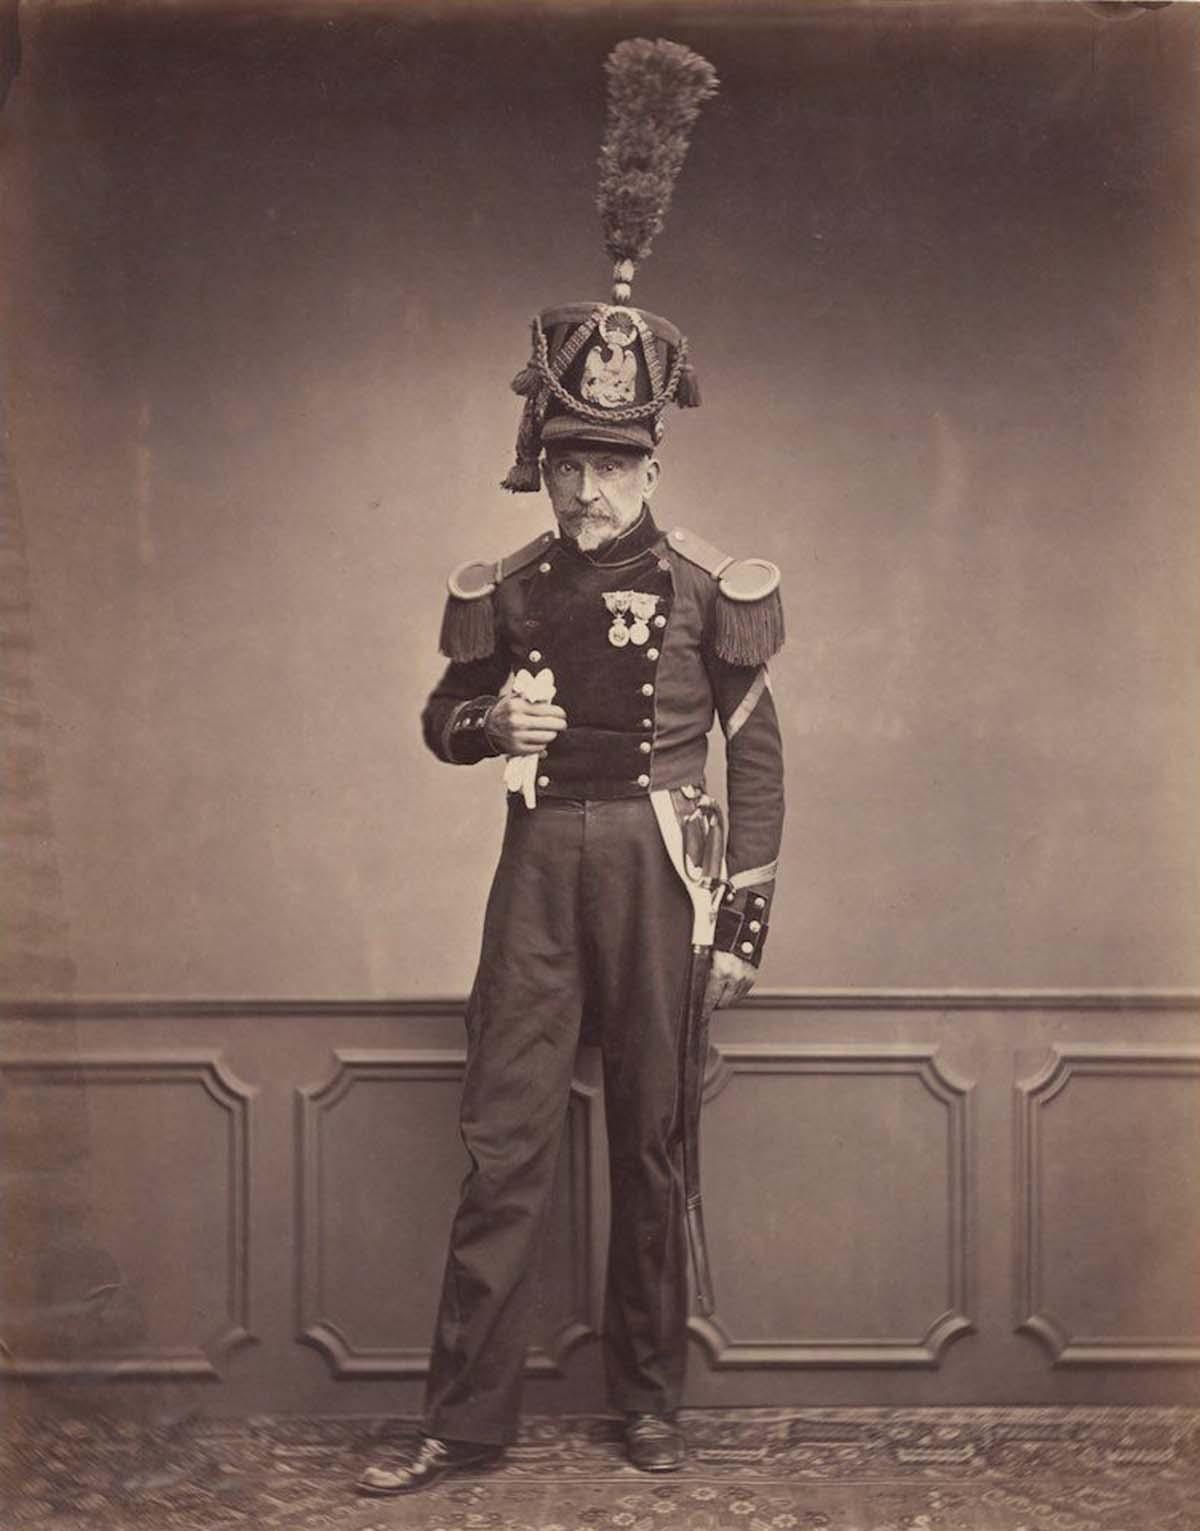 Monsieur Lefebre, sargento del 2do Regimiento de Ingenieros en 1815.